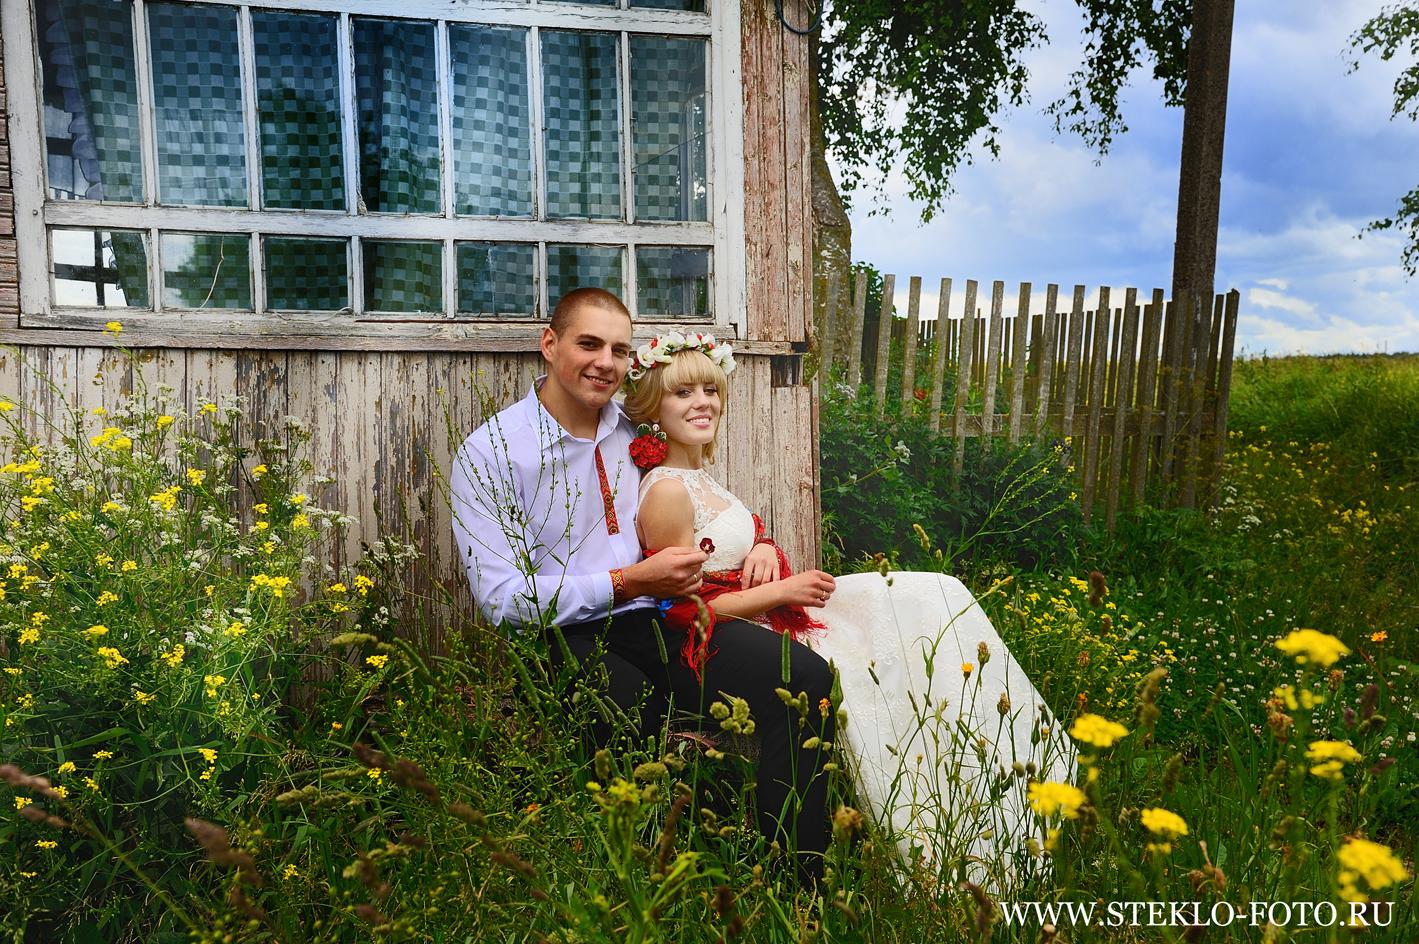 Фото русских девушек летом 22 фотография